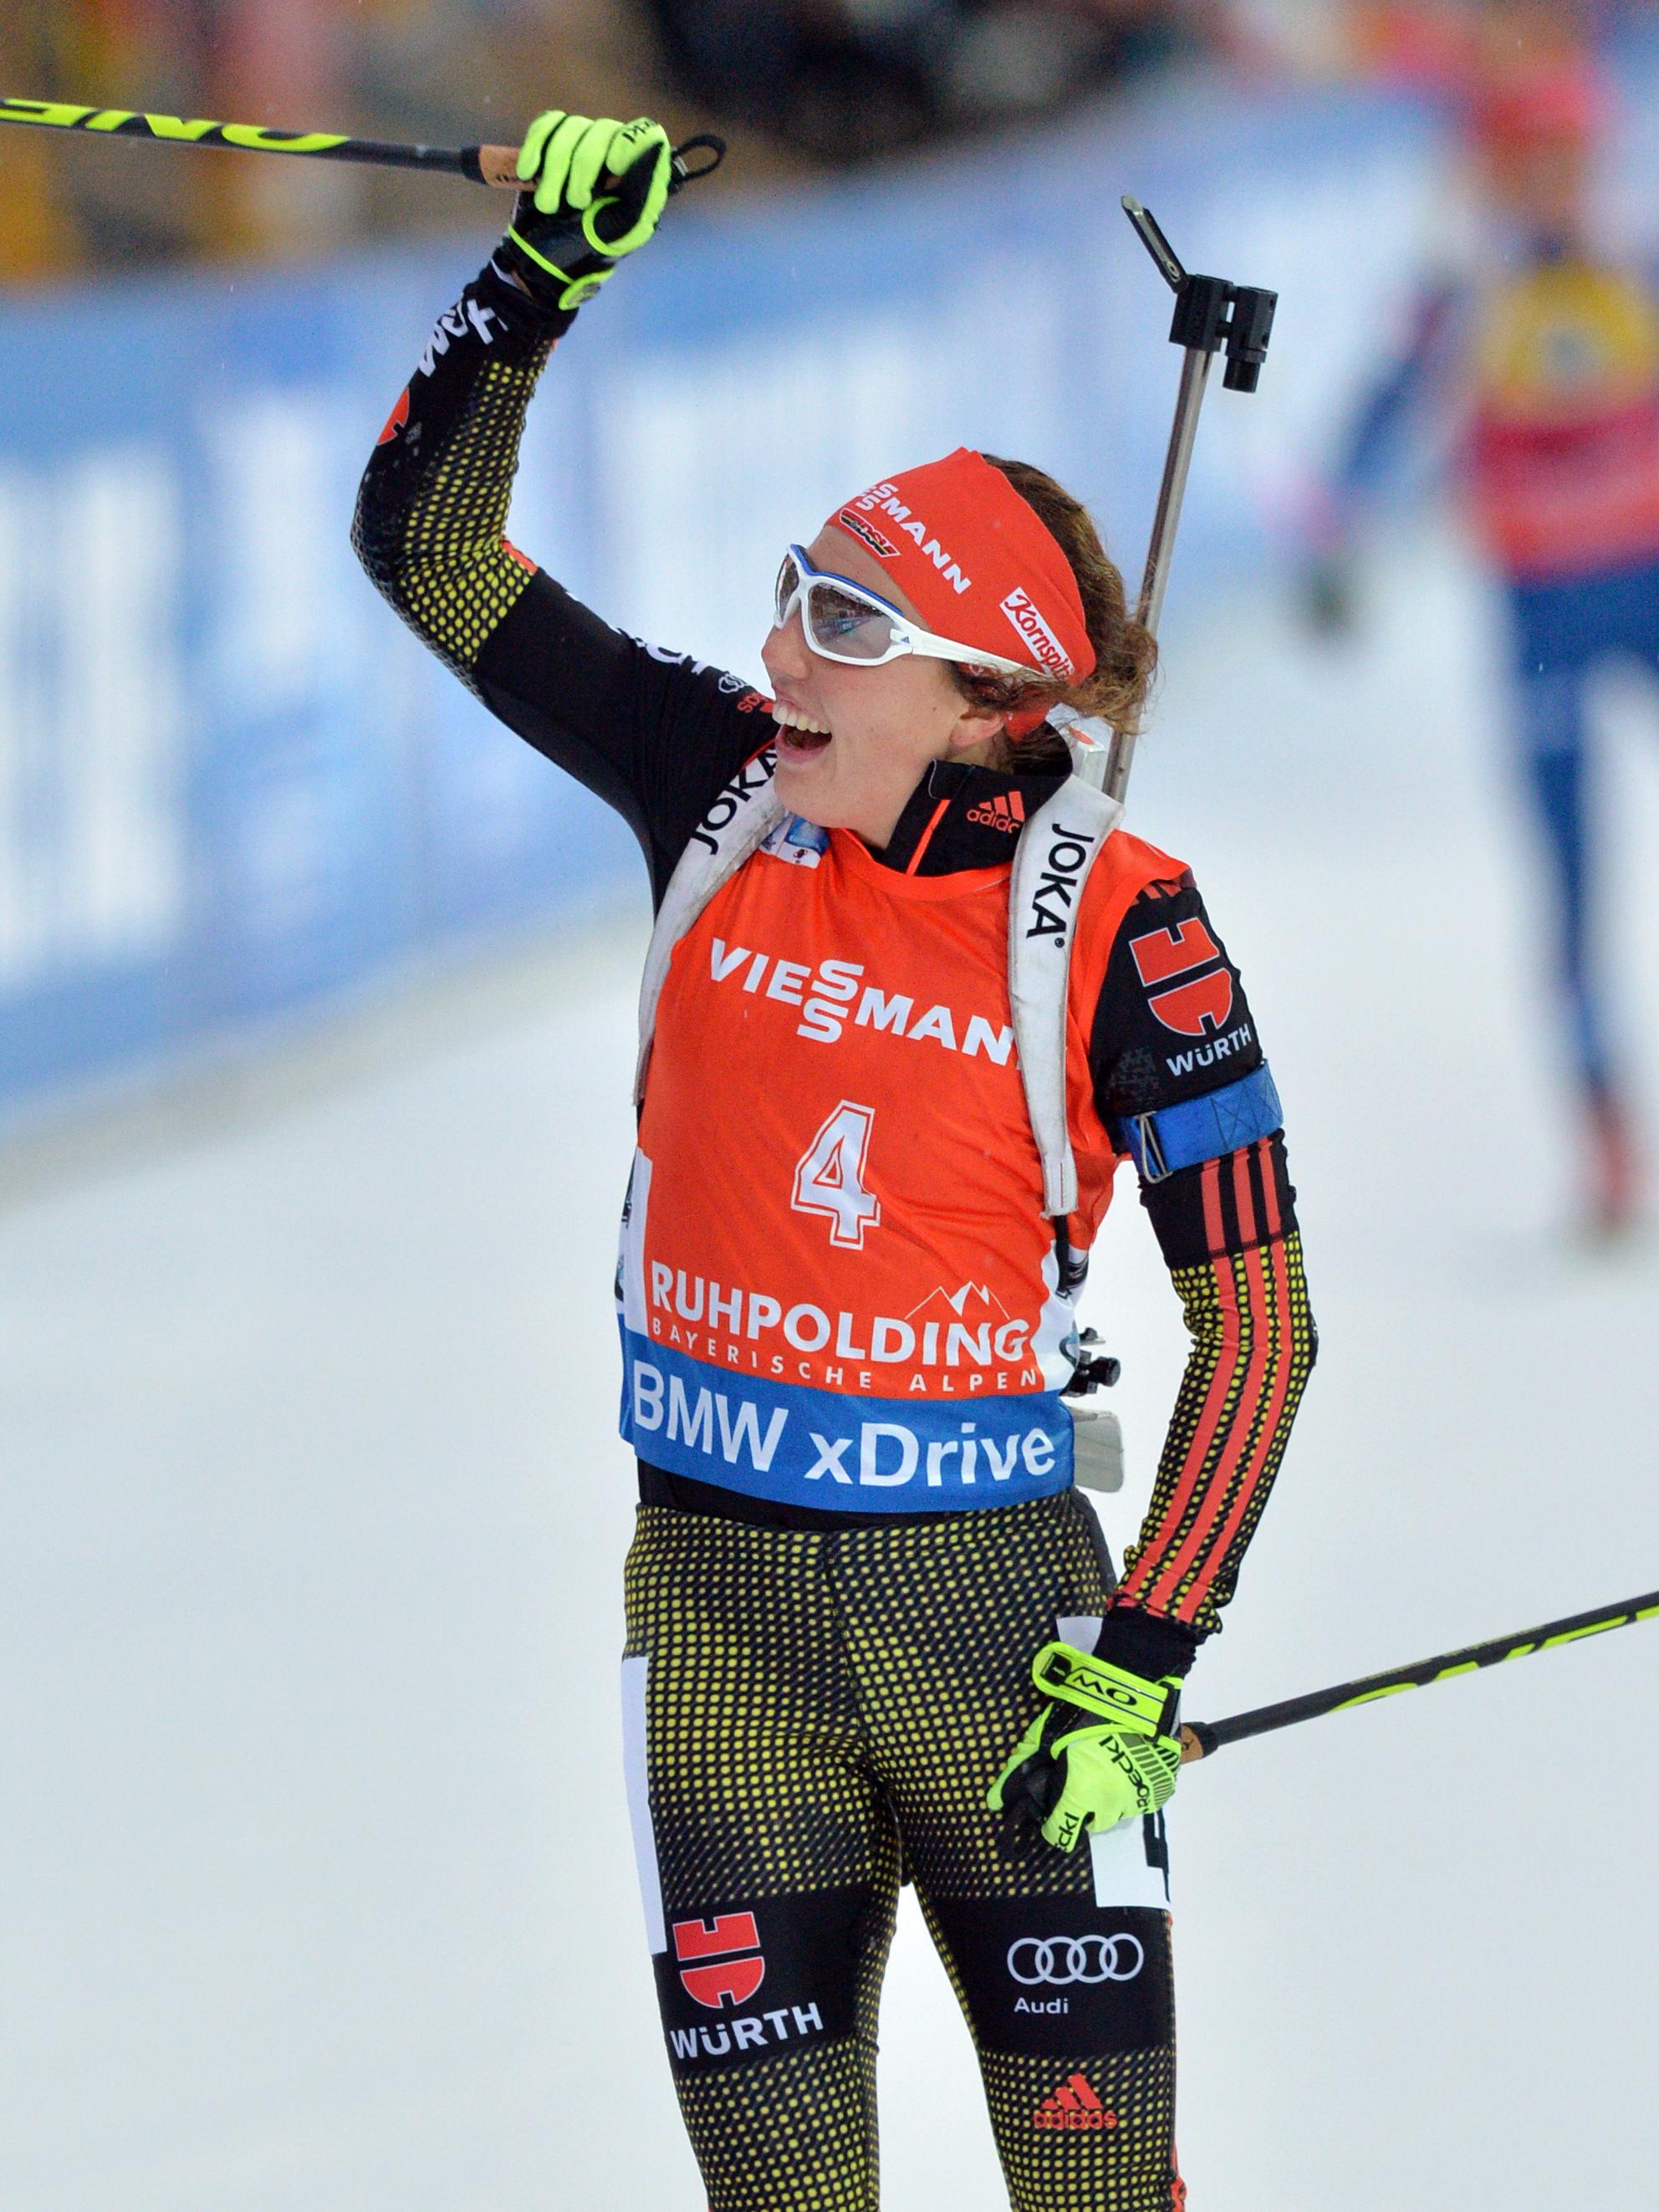 germany_biathlon_world_cup_-5bd1485ac14c_r7342.jpeg